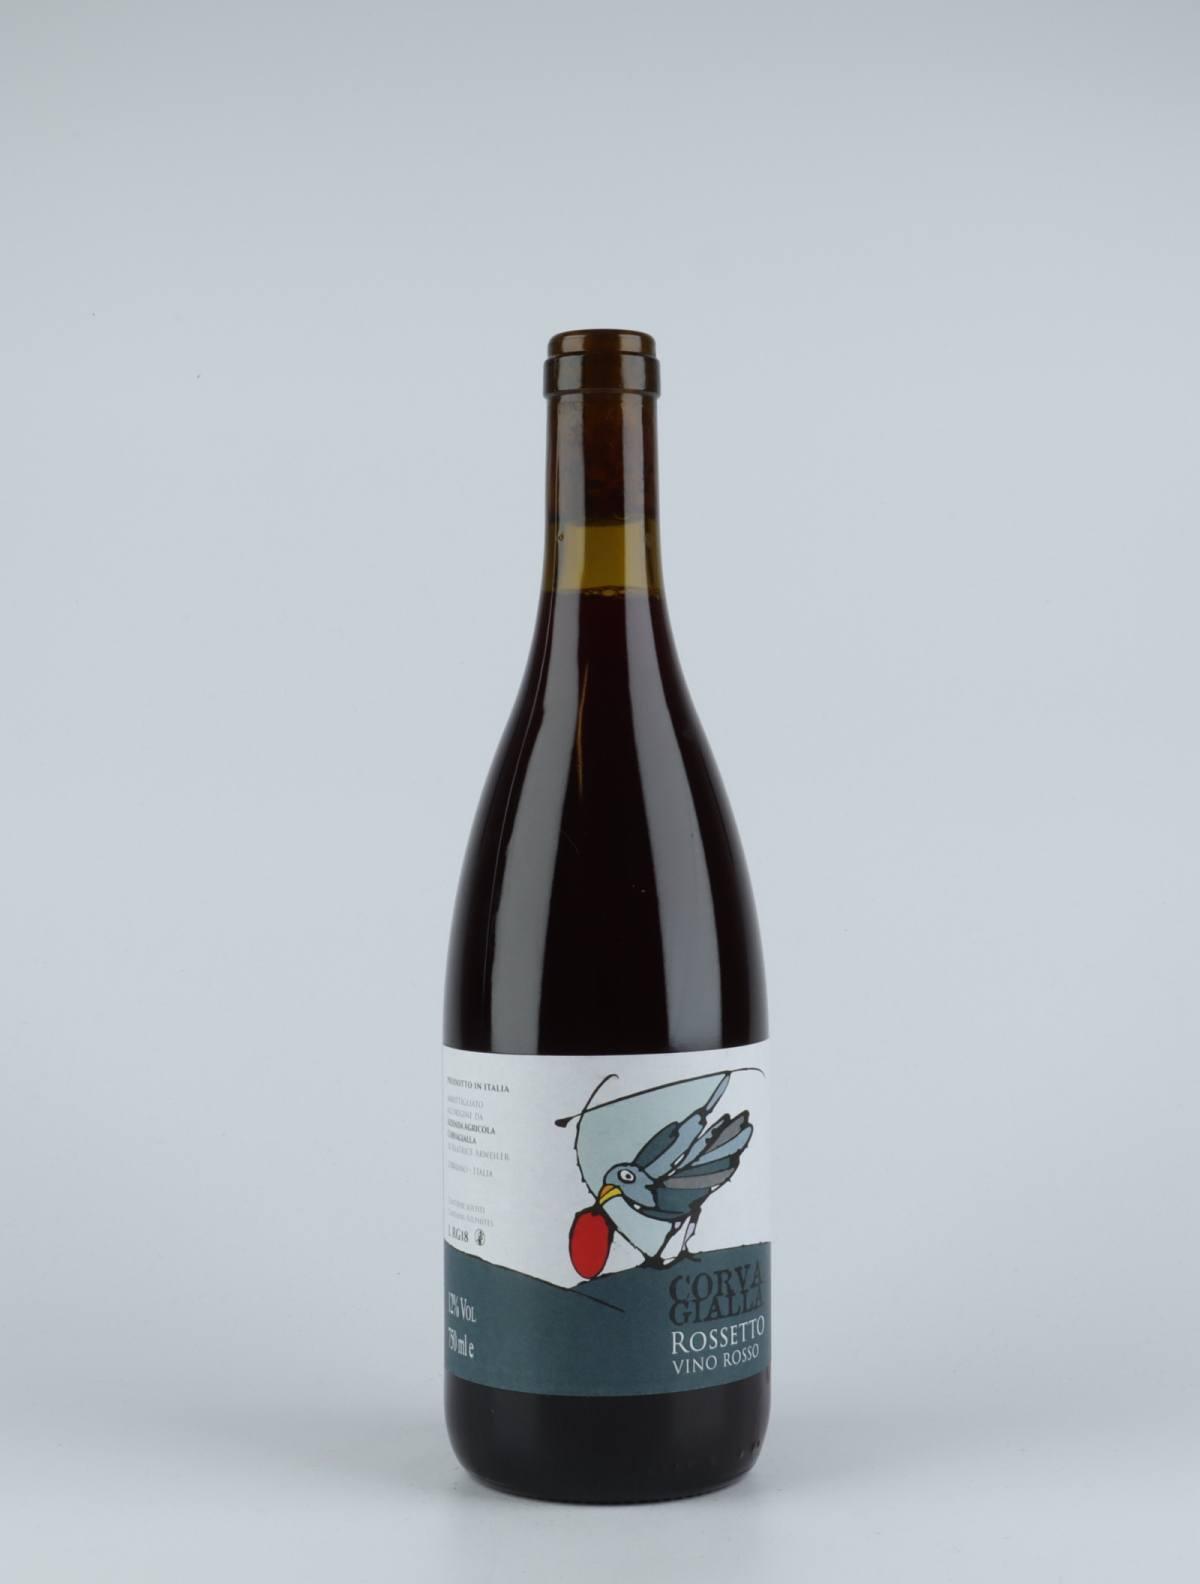 Rossetto Vino Rosso